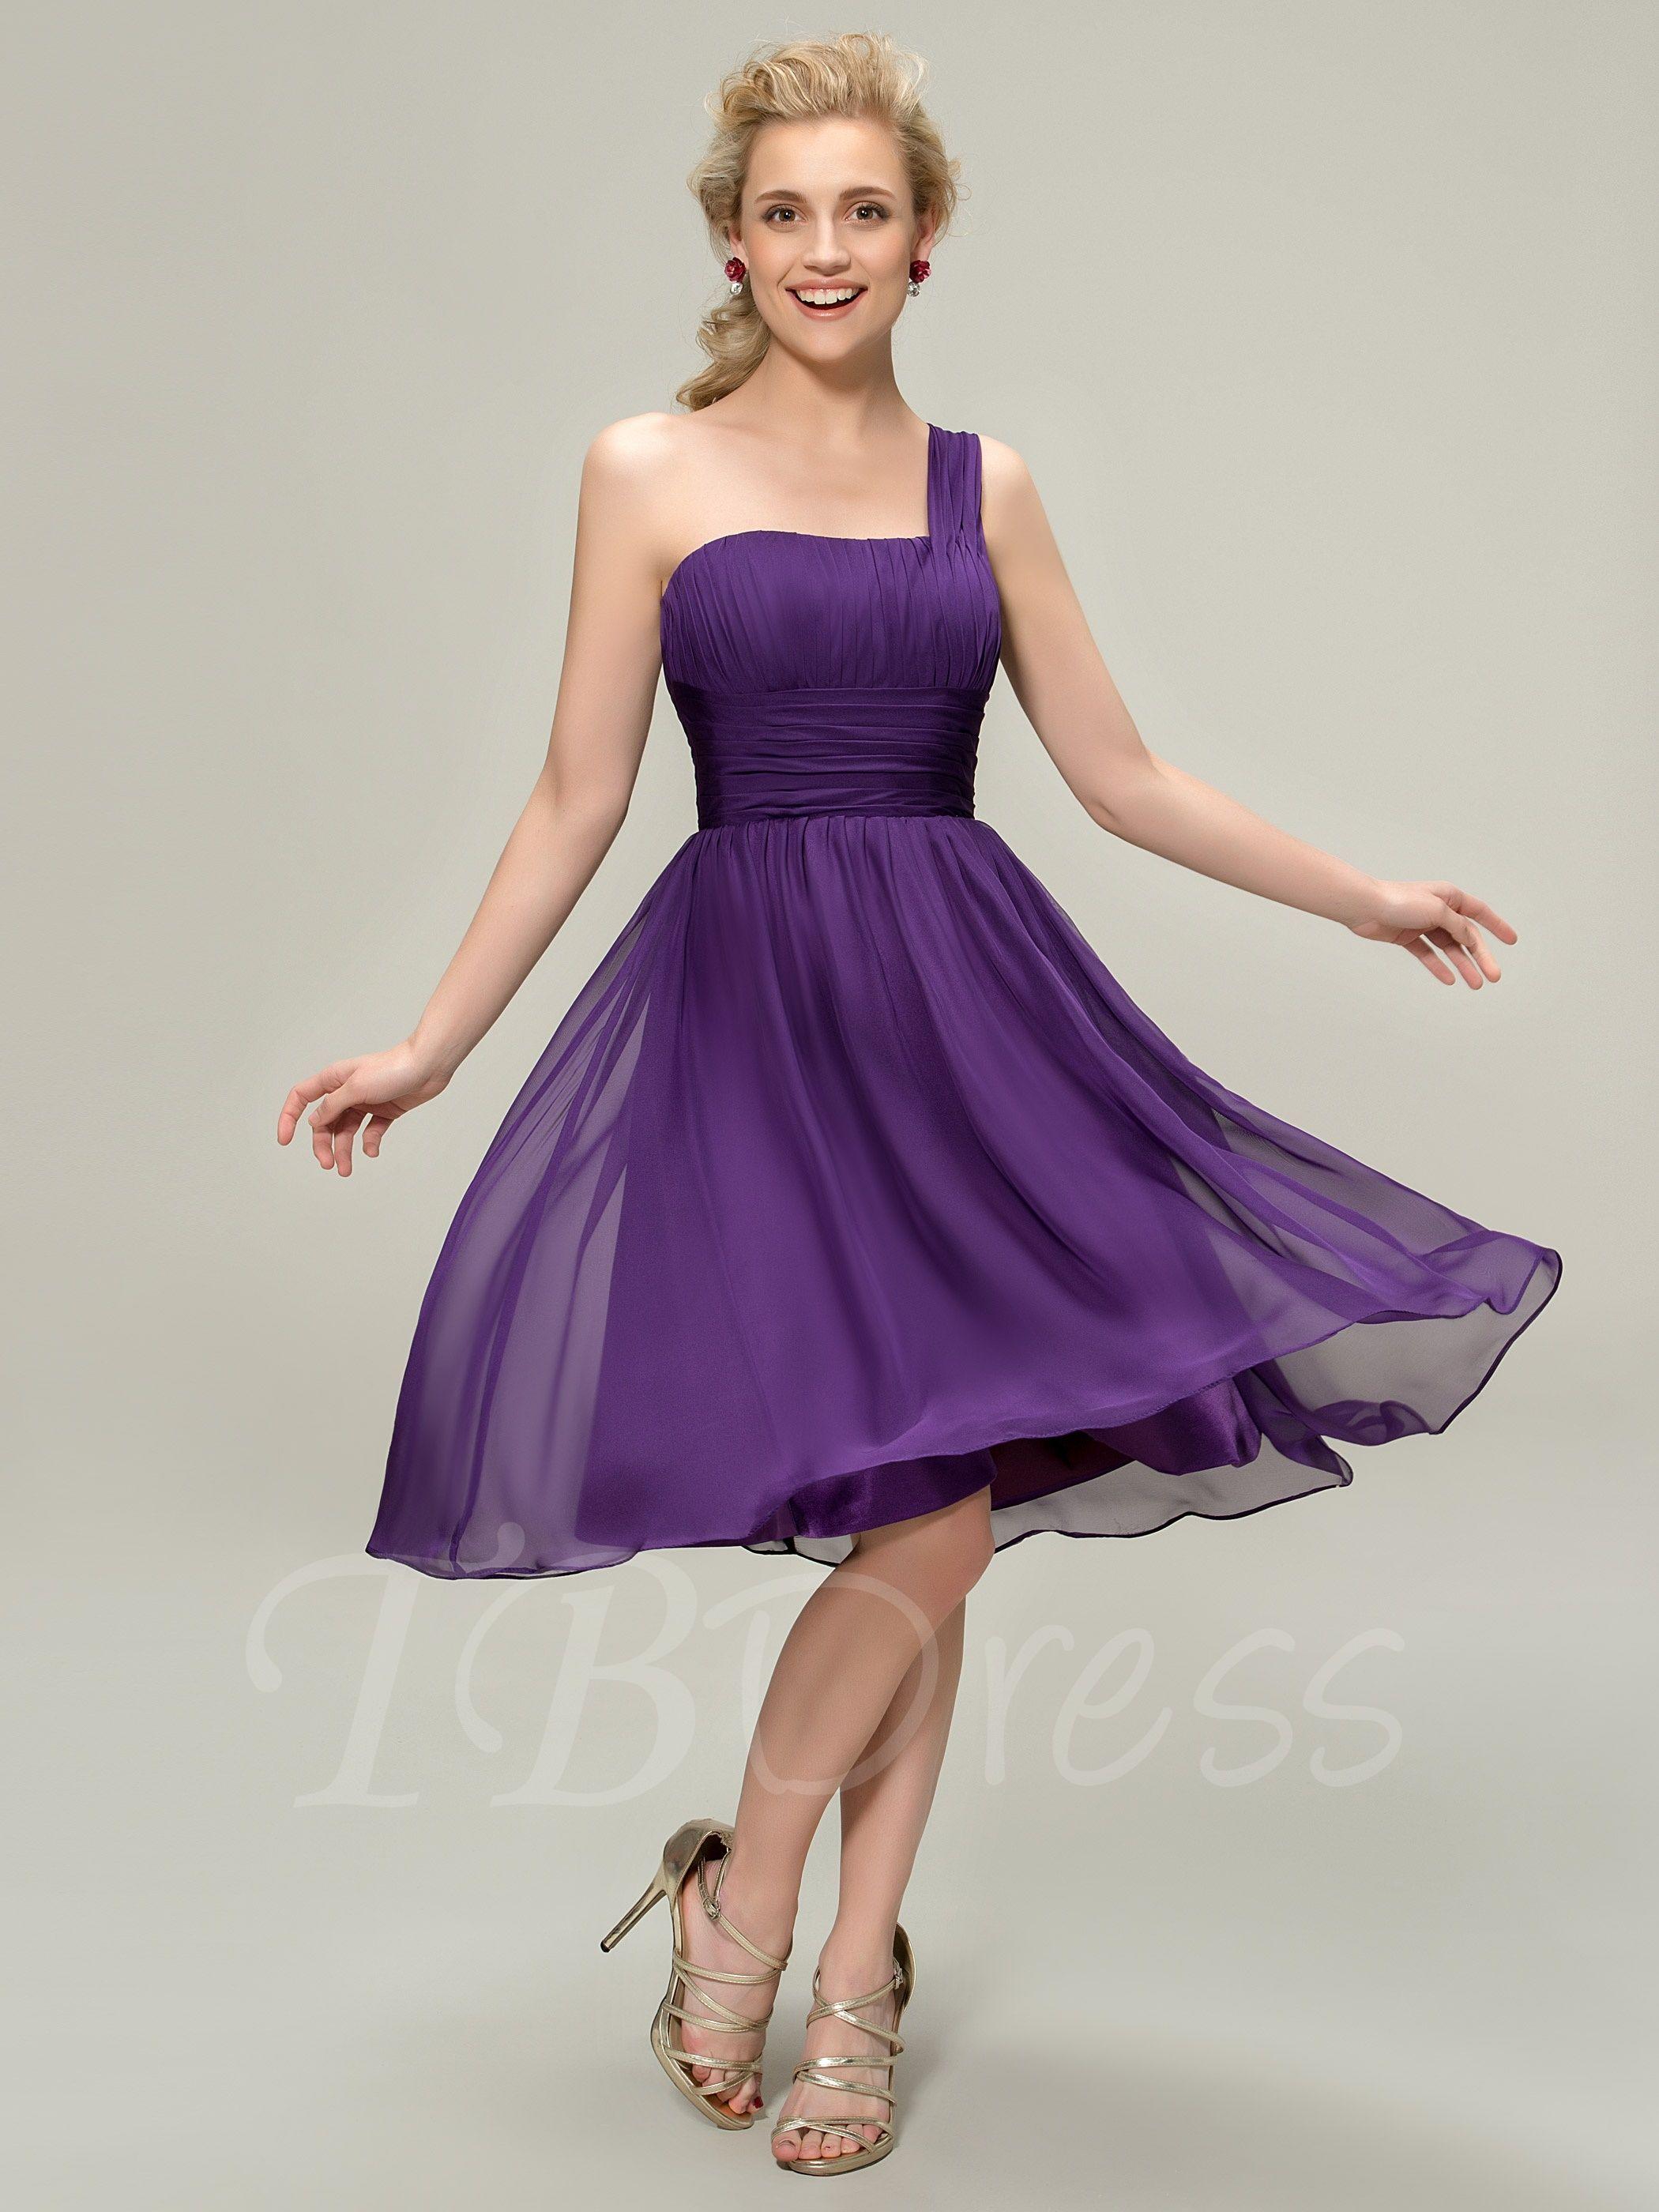 Short Empire Waist A-Line One Shoulder Bridesmaid Dress | Empire and ...